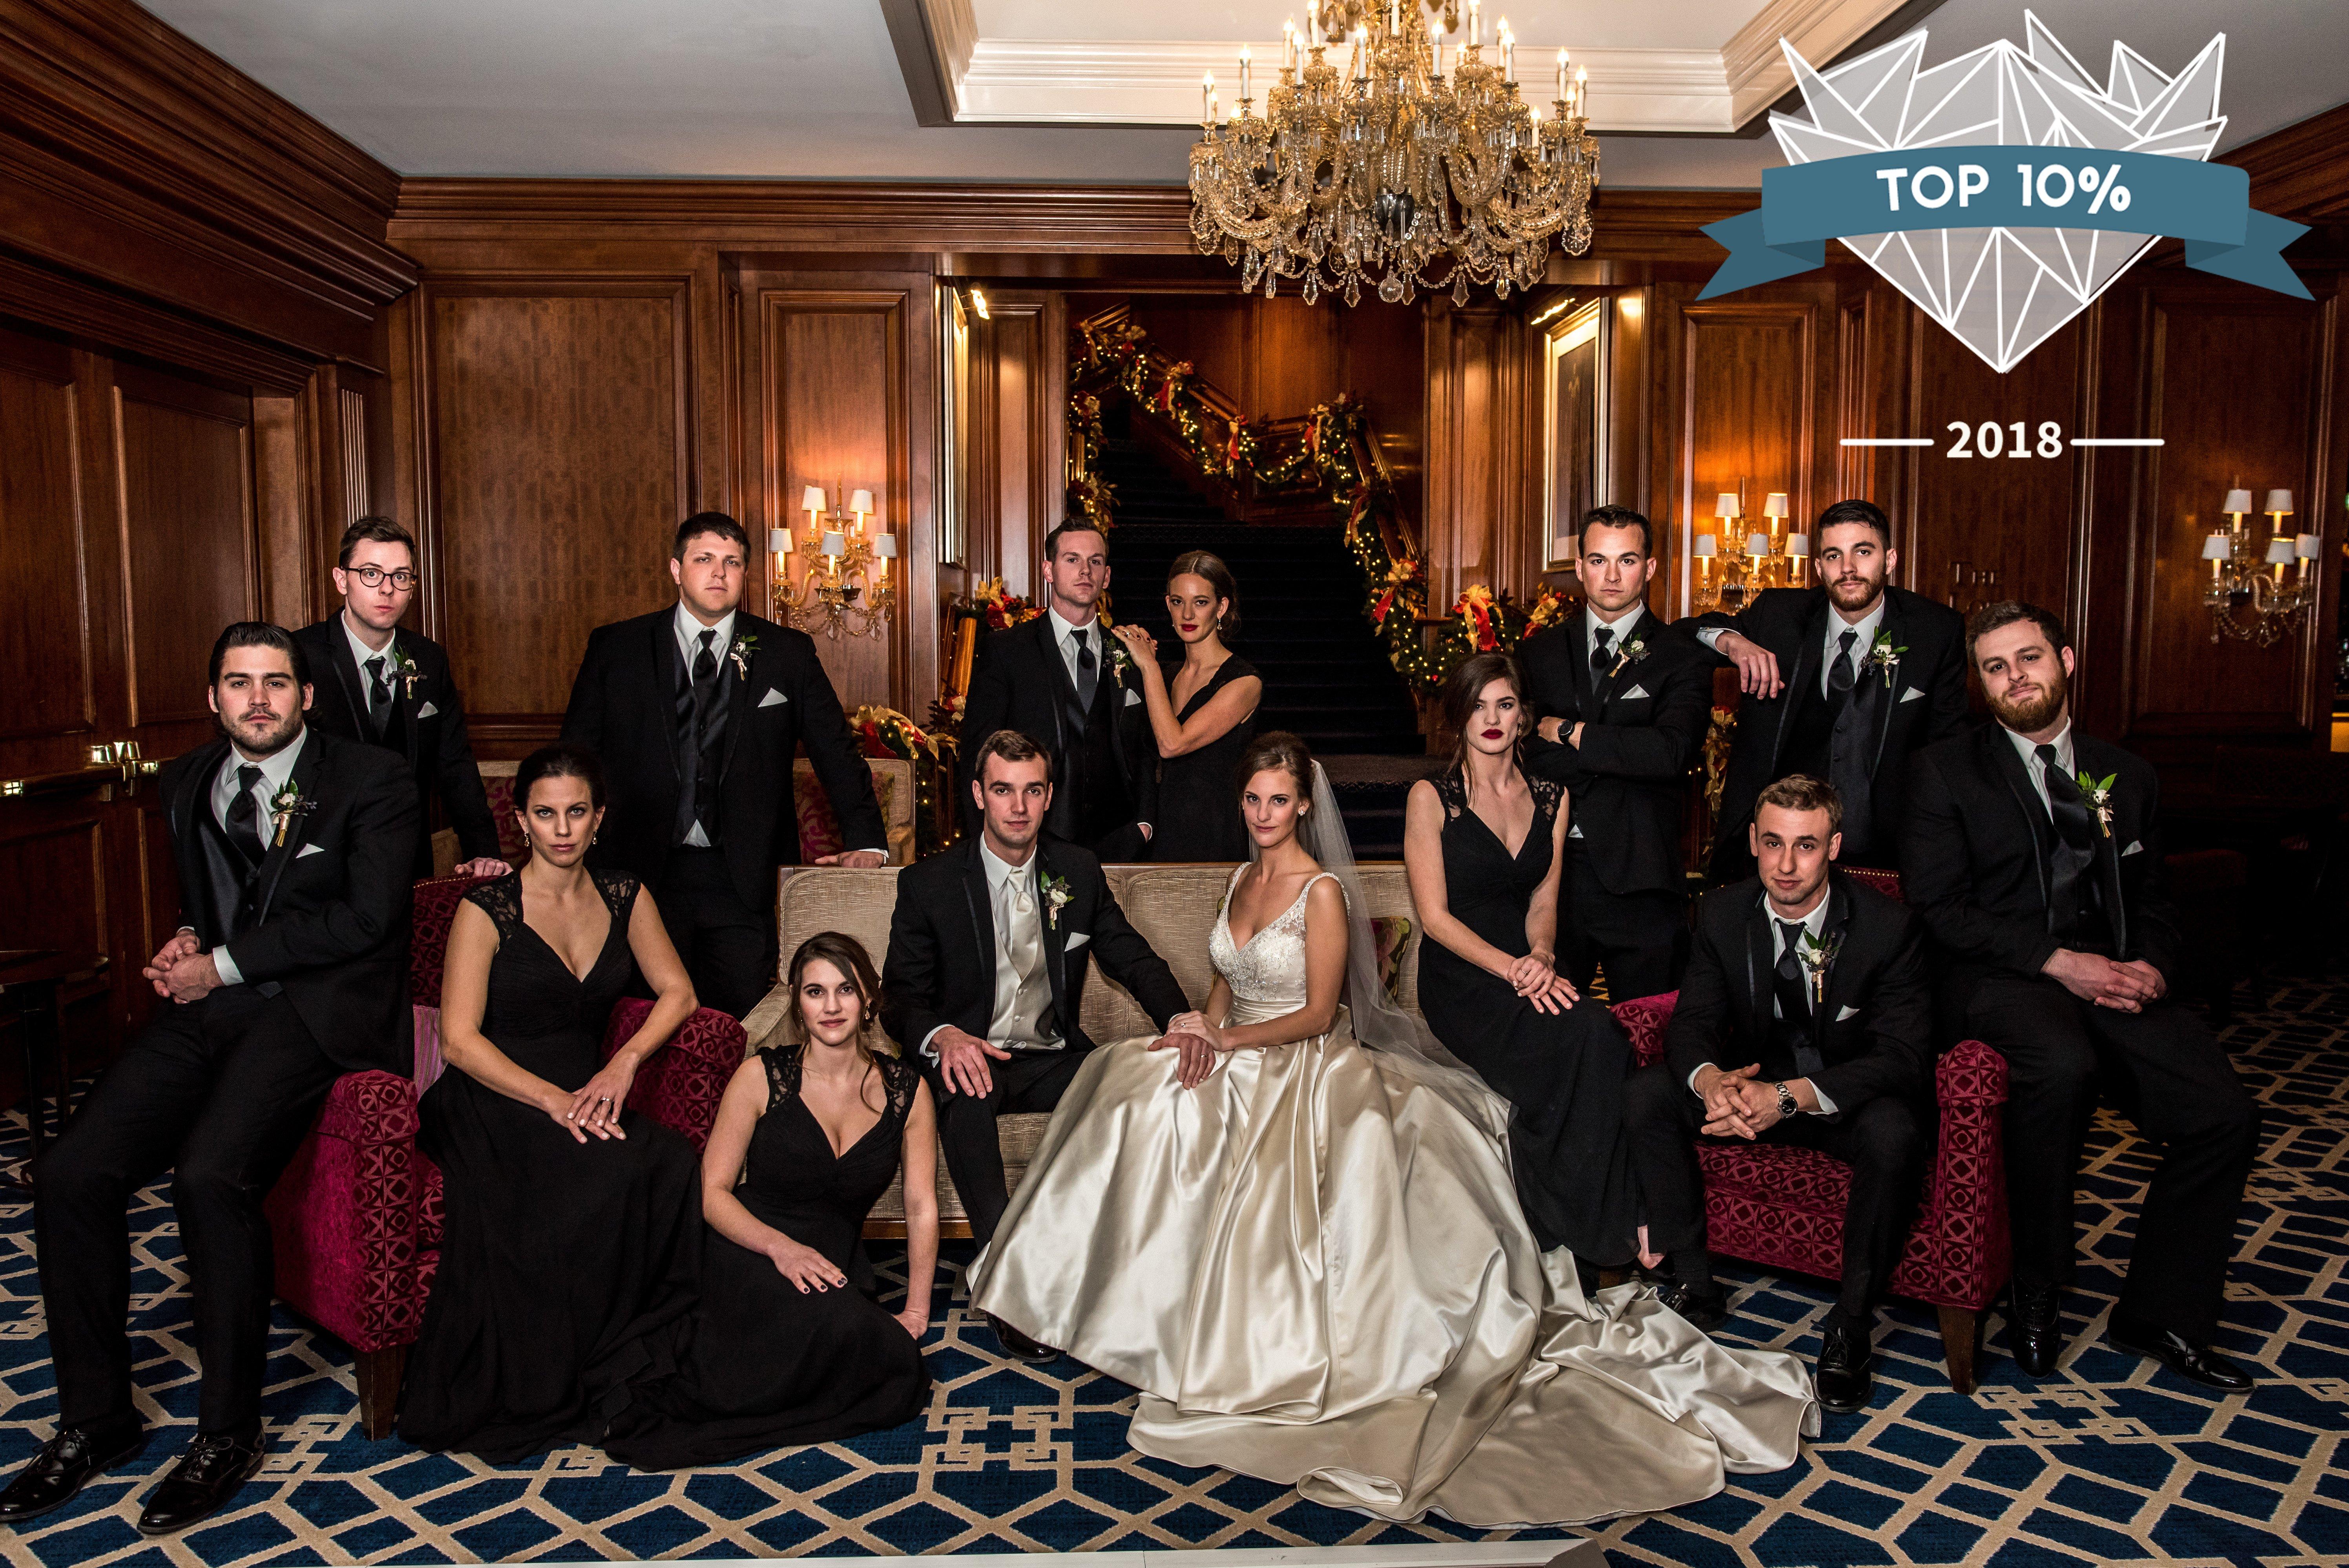 Wedding Party Elizabeth Lloyd Photography.jpg